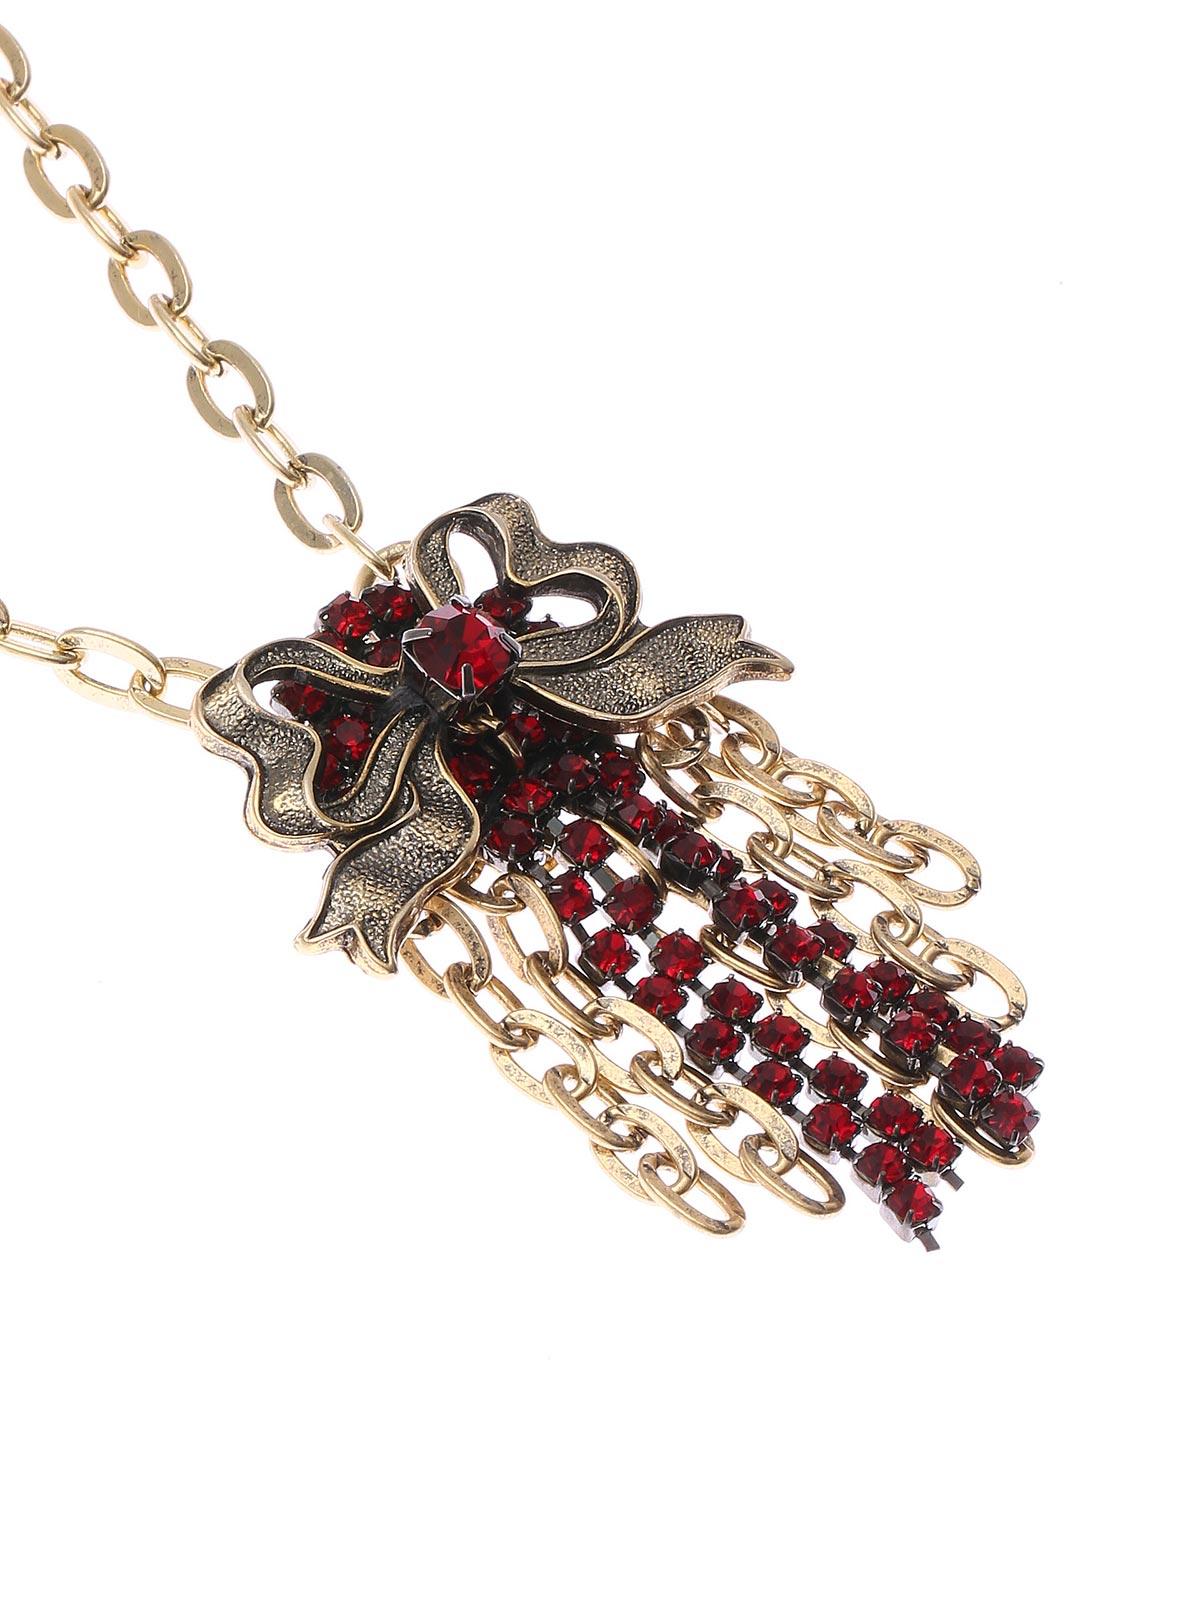 Collana a catena con pendente floreale in ottone